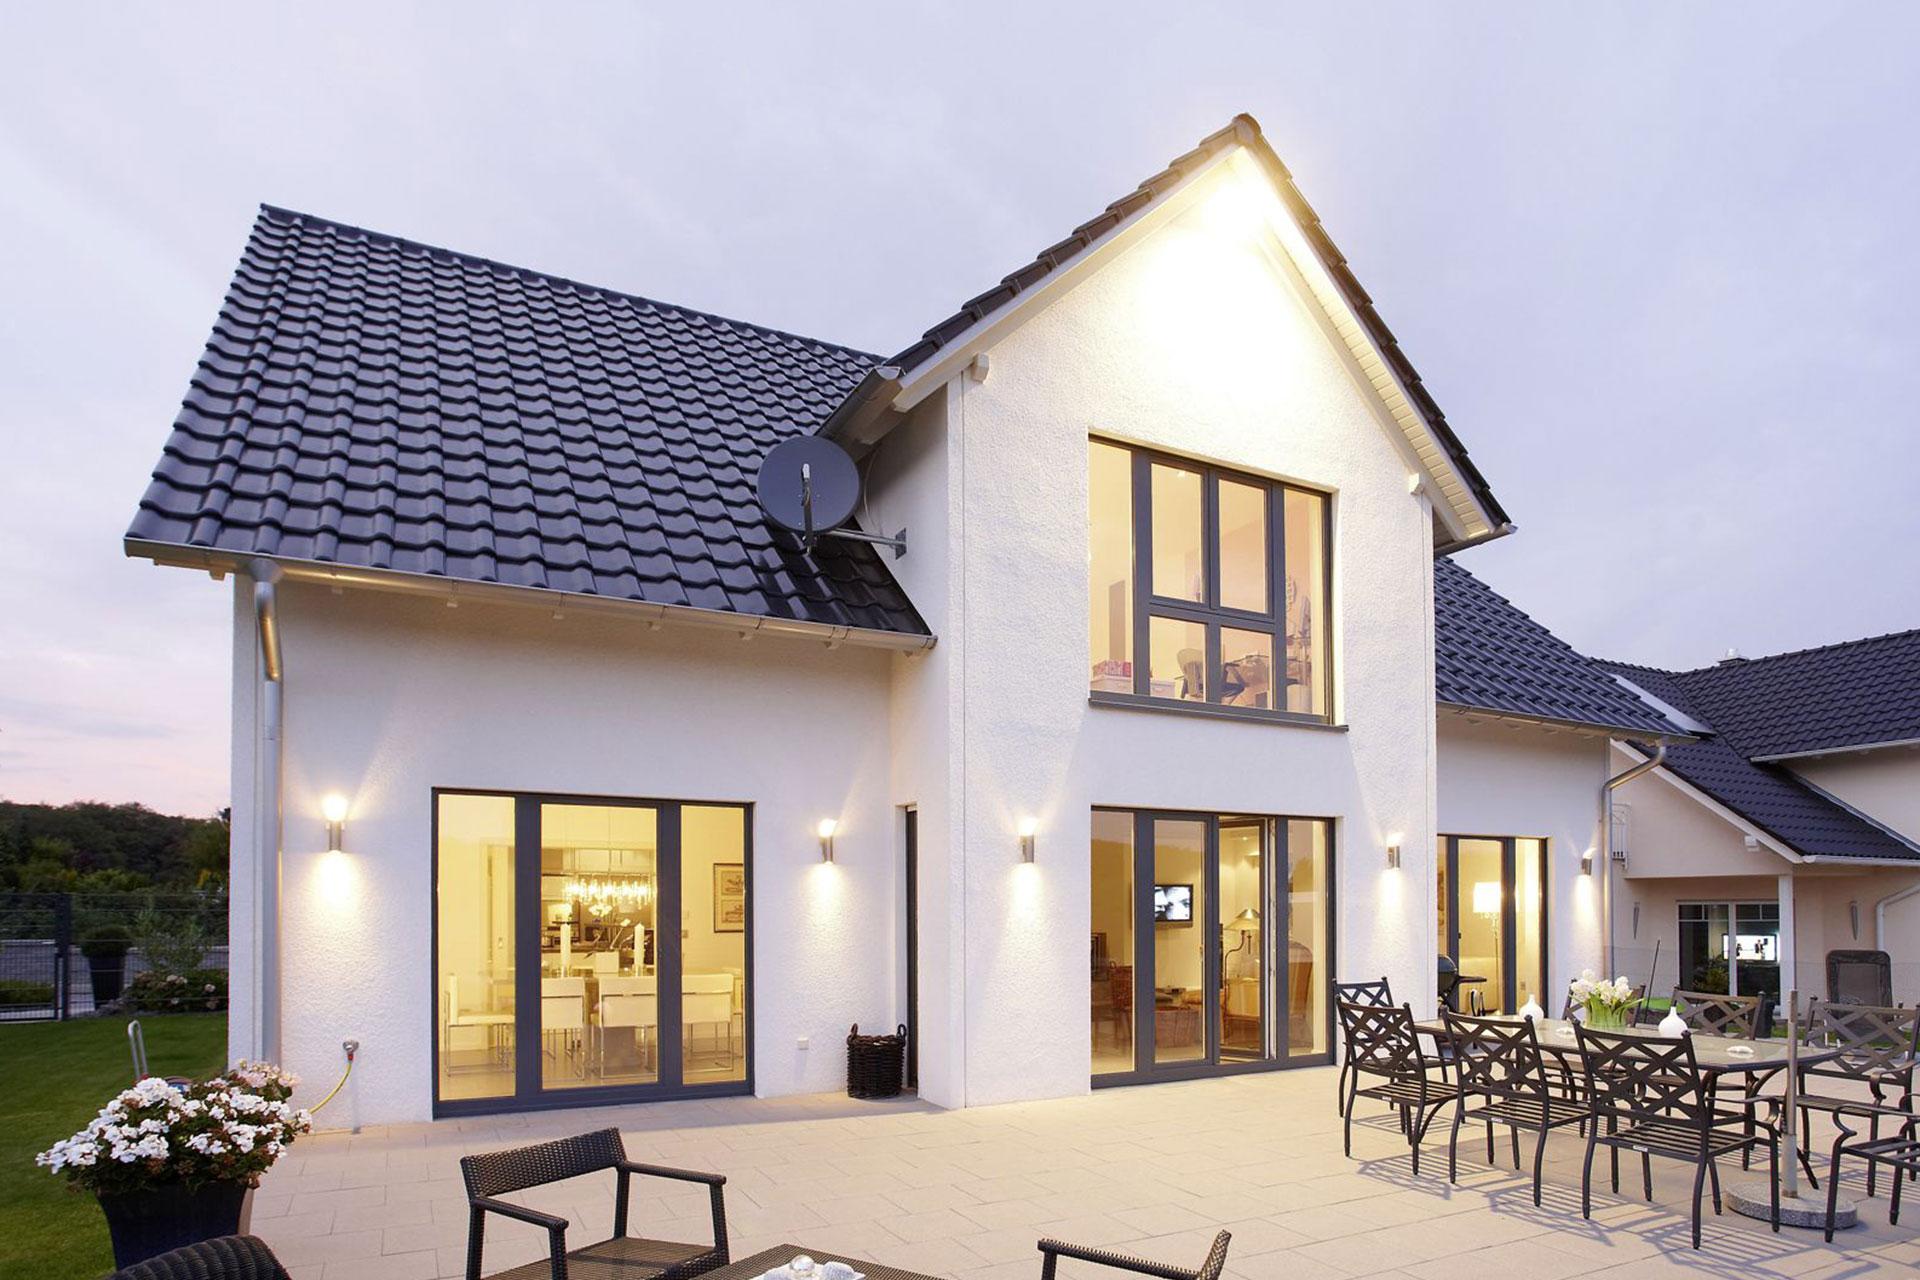 Individuelles Einfamilienhaus Mit 4 Kinderzimmern Modell Lengfeld